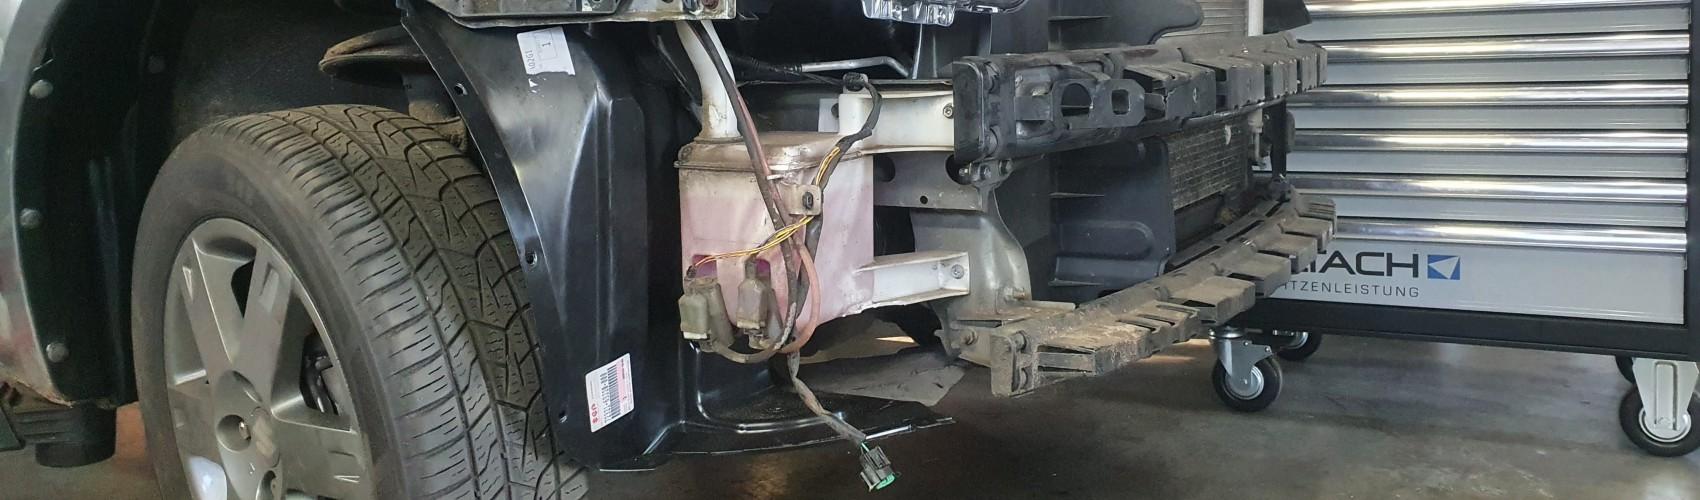 Hulp bij schade  Wij nemen u graag het gehele traject rond de autoschade uit handen